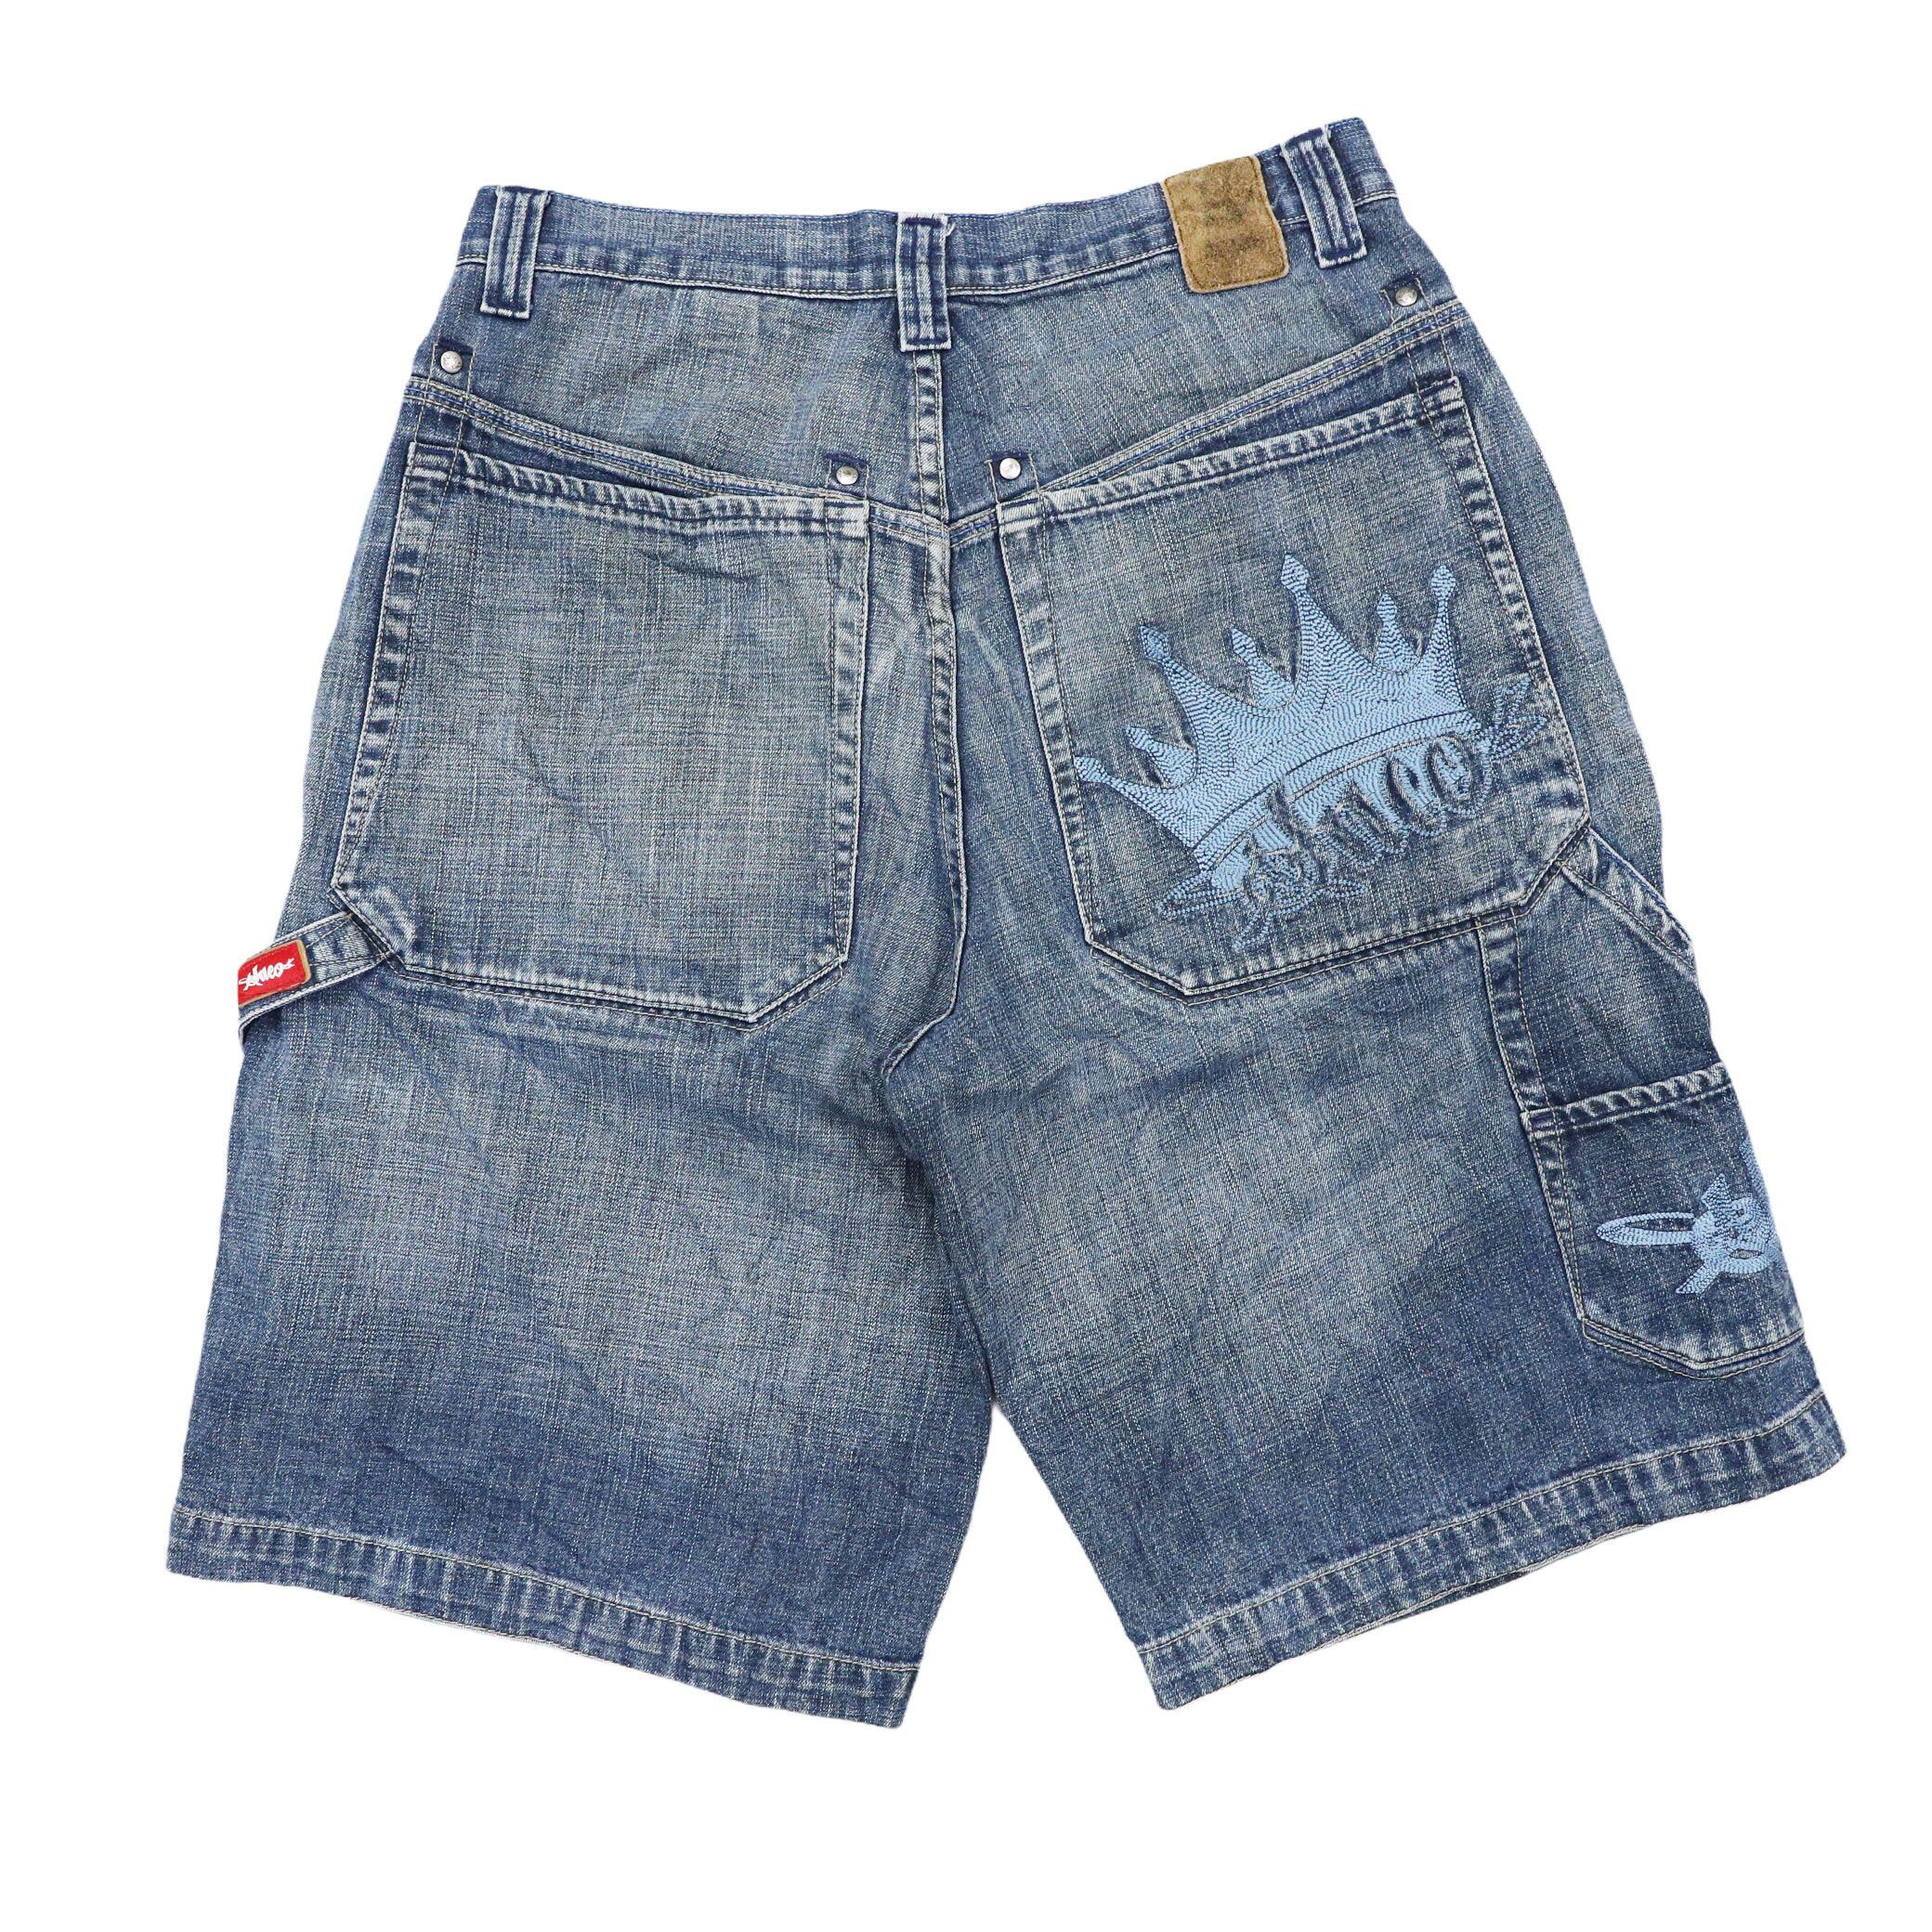 Vintage JNCO JEANS Shorts Size 31 in   90s Hip Hop Shorts  vintage skateboards Shorts